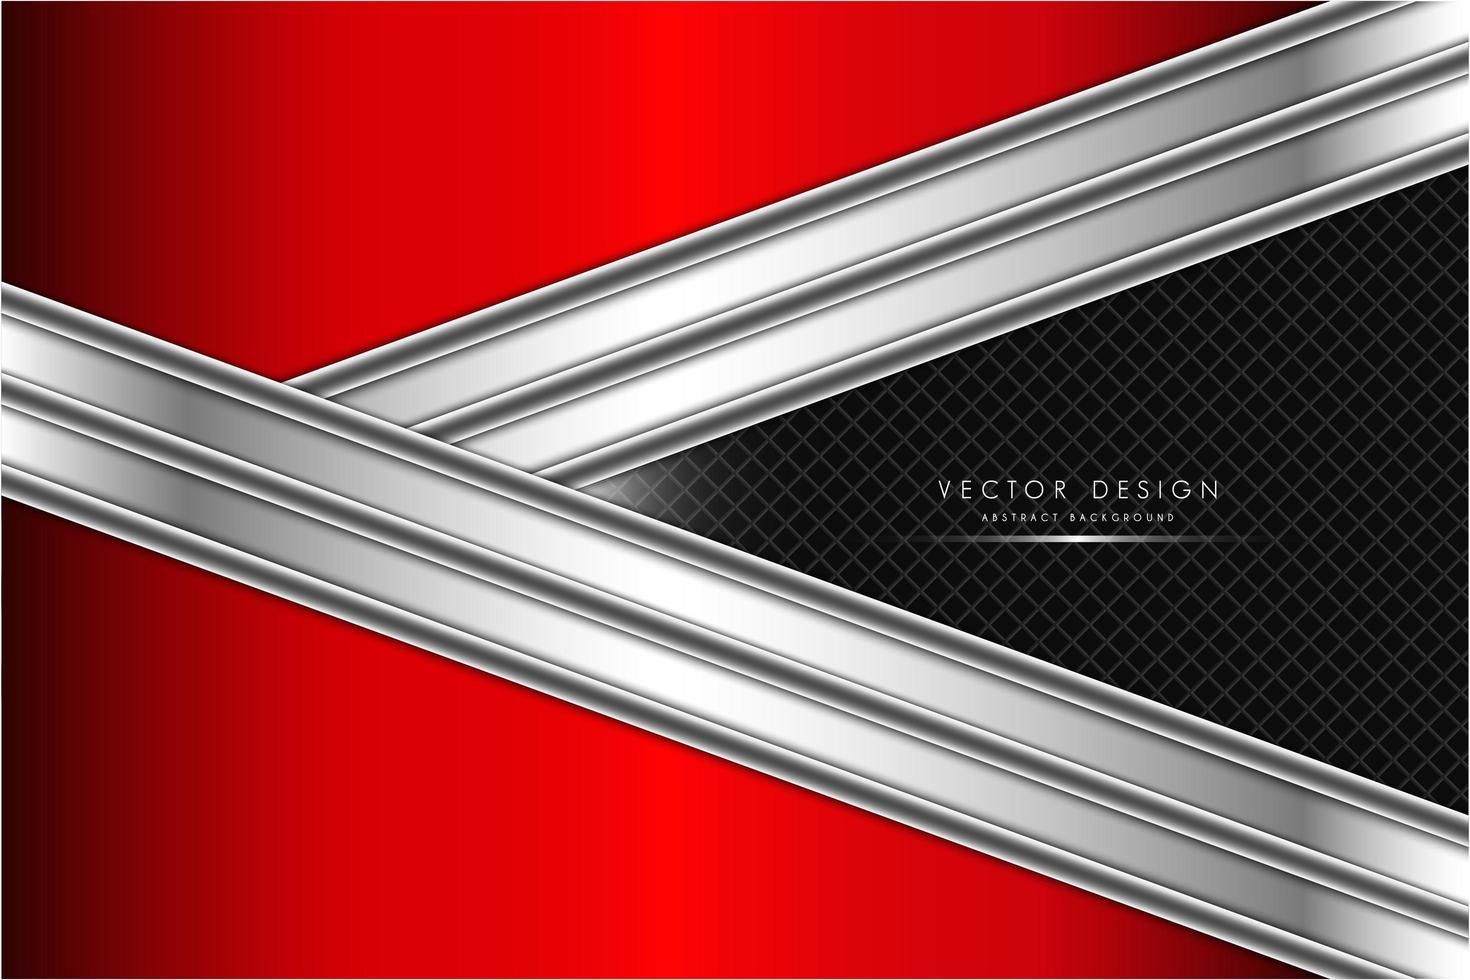 Fondo de forma de flecha metálica roja y plateada vector